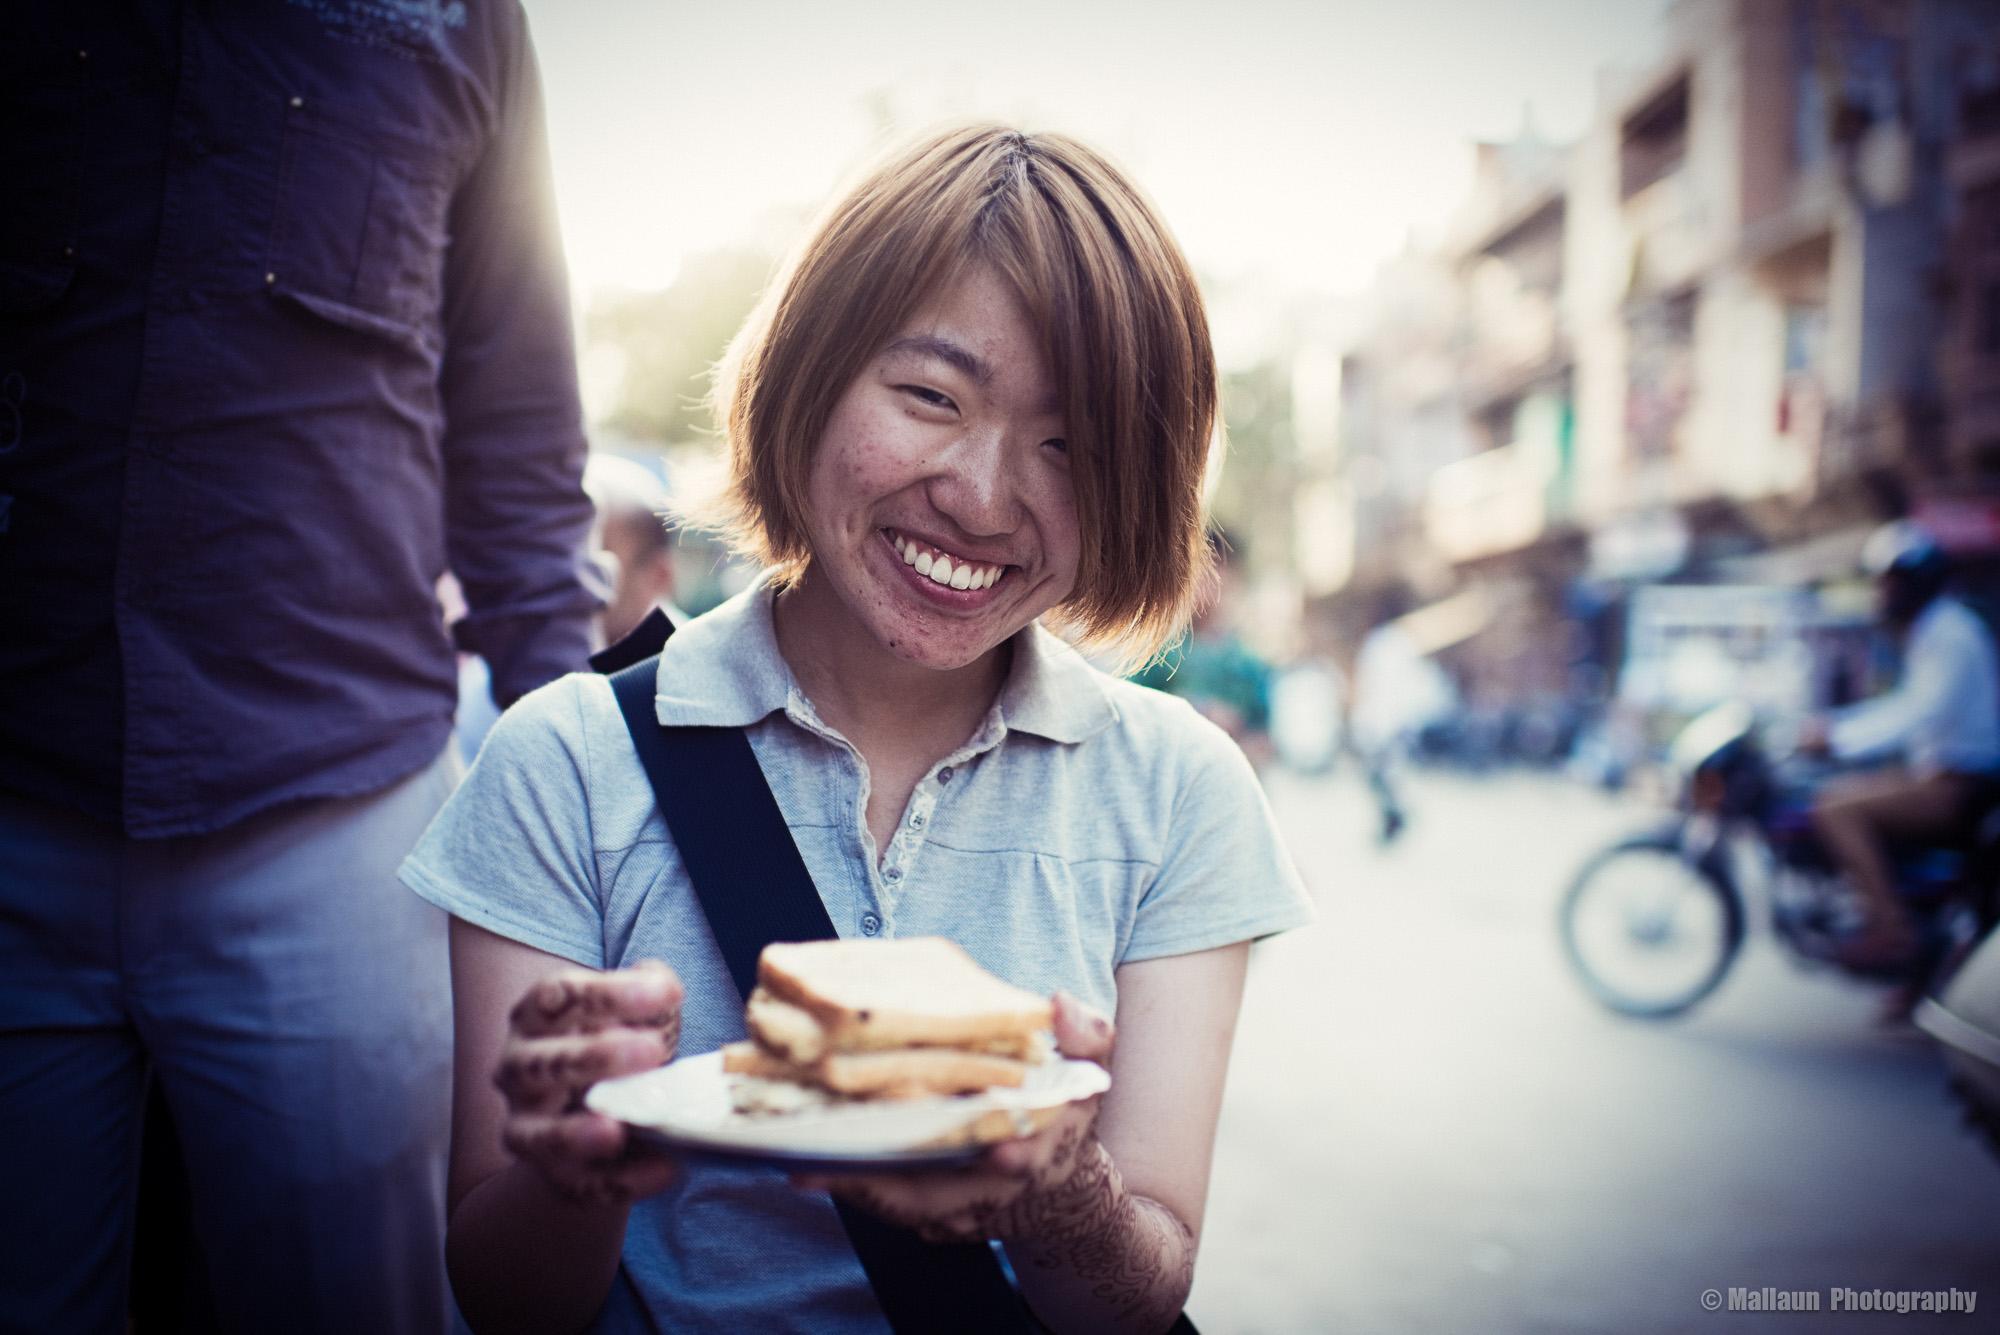 Minako aus Mie in Japan ist heute extra mit ihren 3 Kollegen bei Ramkishan vorbeigekommen, um sein Masala Omelette zu probieren. © Mallaun Photography